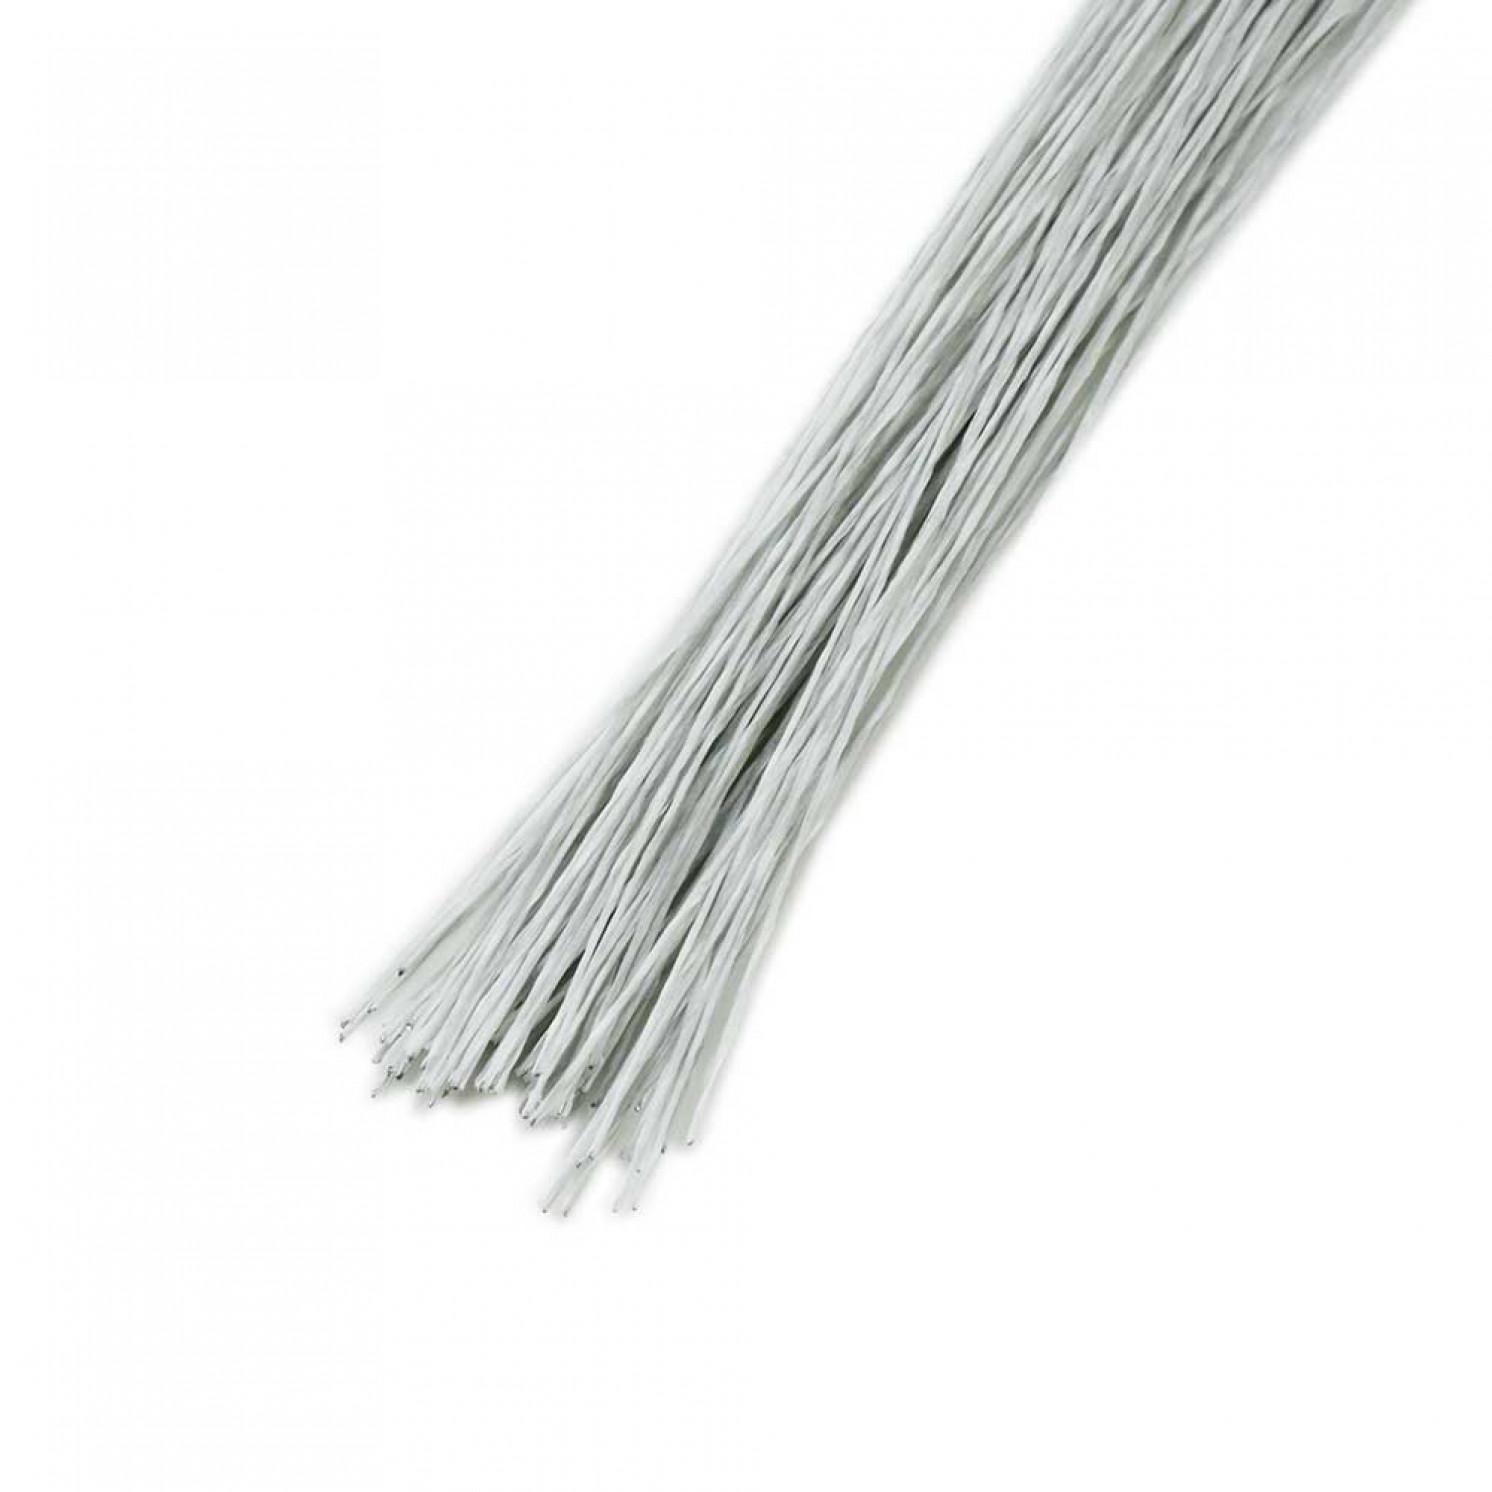 Проволока в бумажной обмотке пучок 50 шт, 36 см D=0,9мм ;№ 20 белая